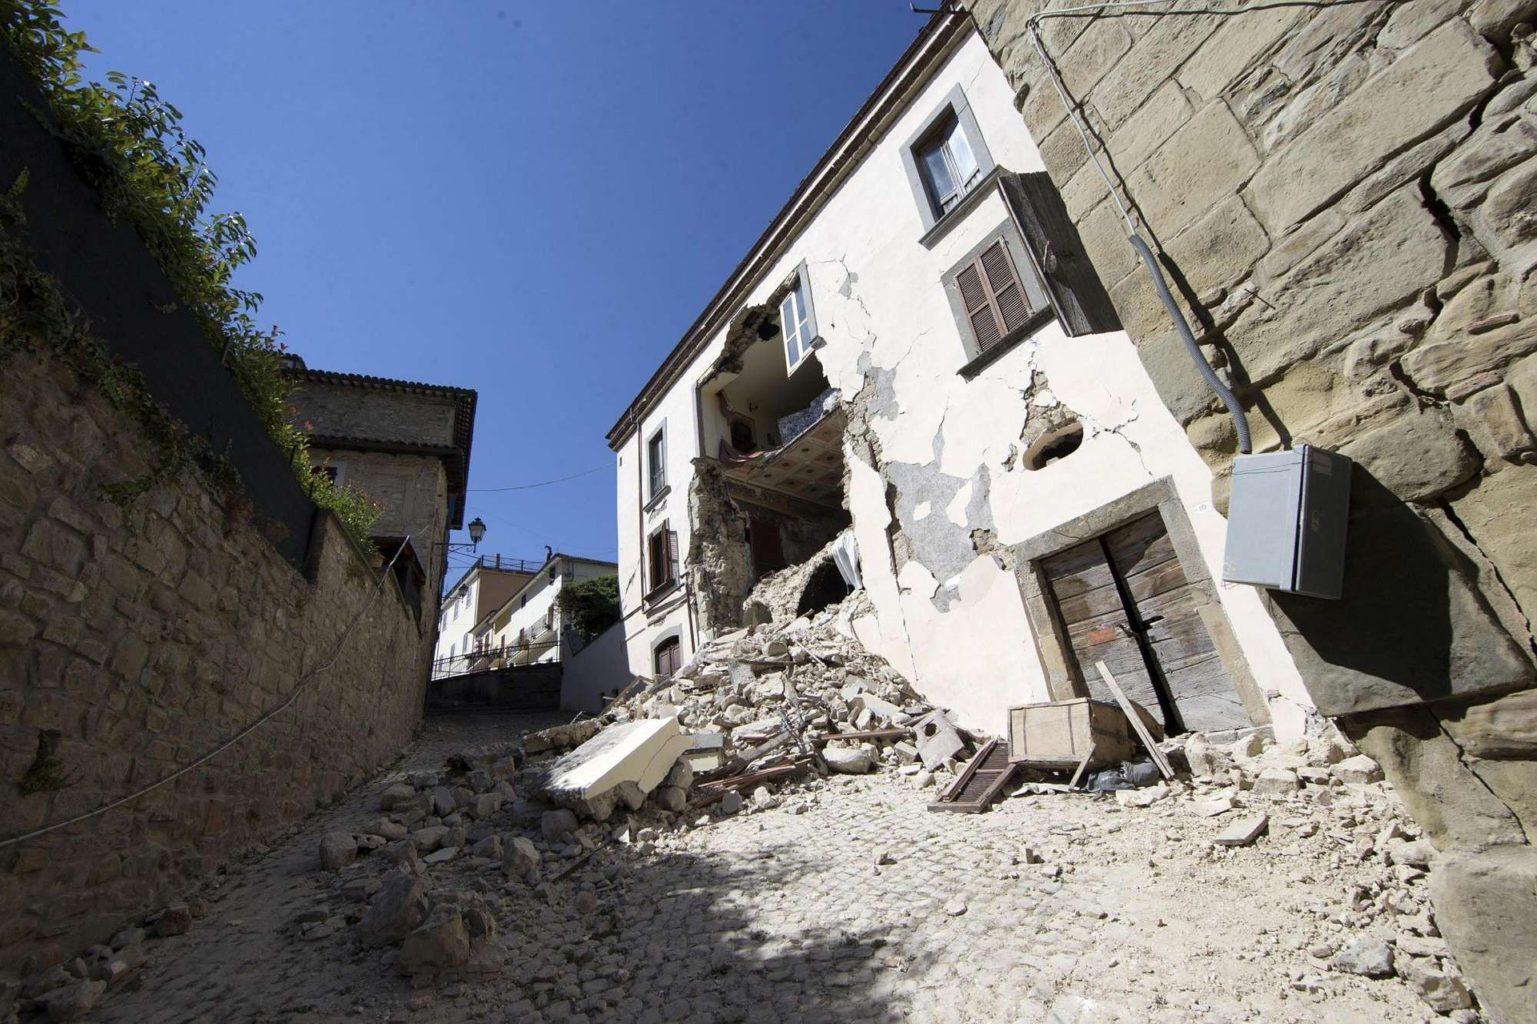 Землетрясения в Алматы: чего ждать?